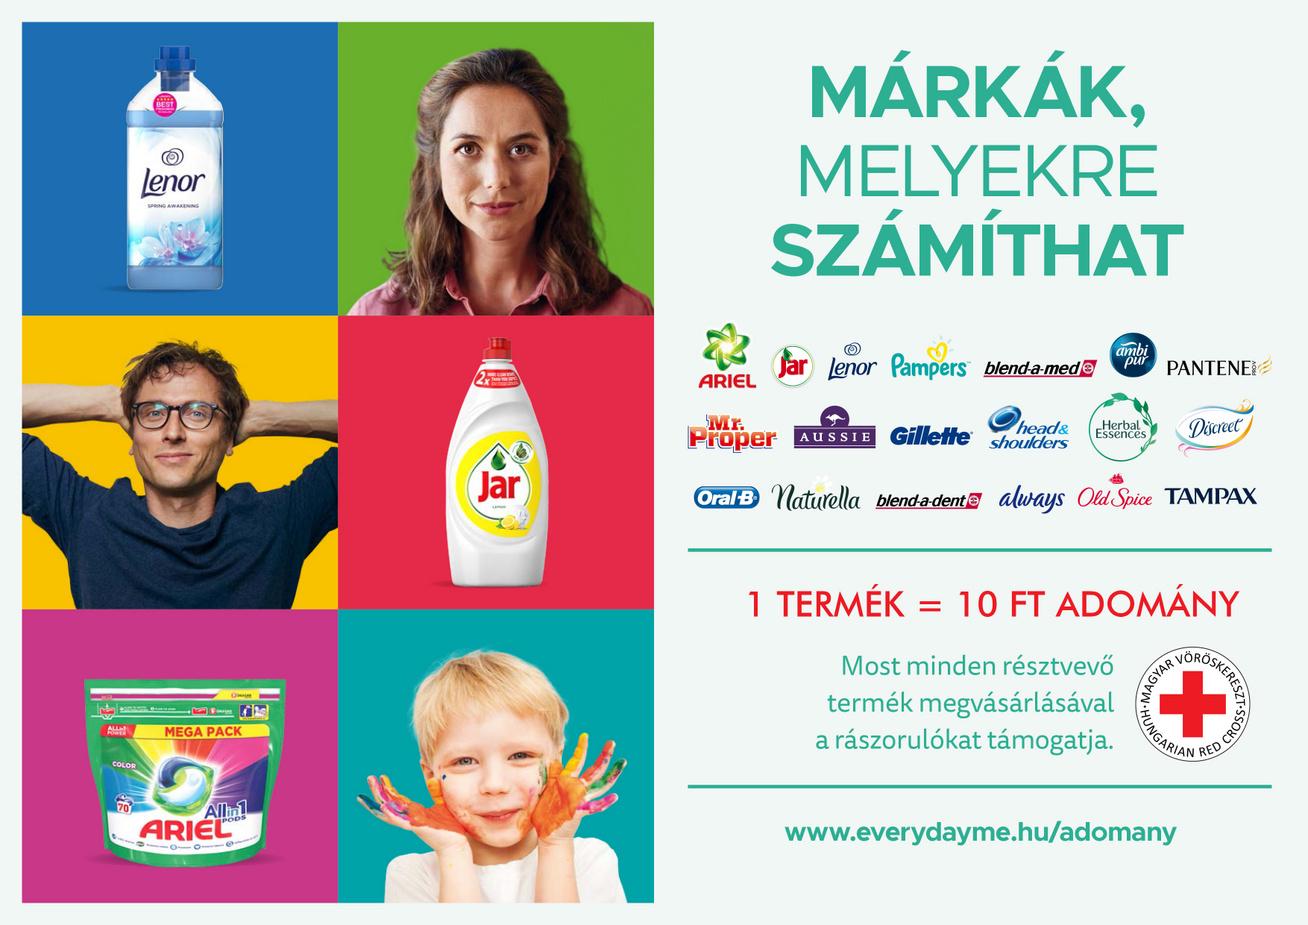 MagyarVöröskereszt program 2020-1 (2)